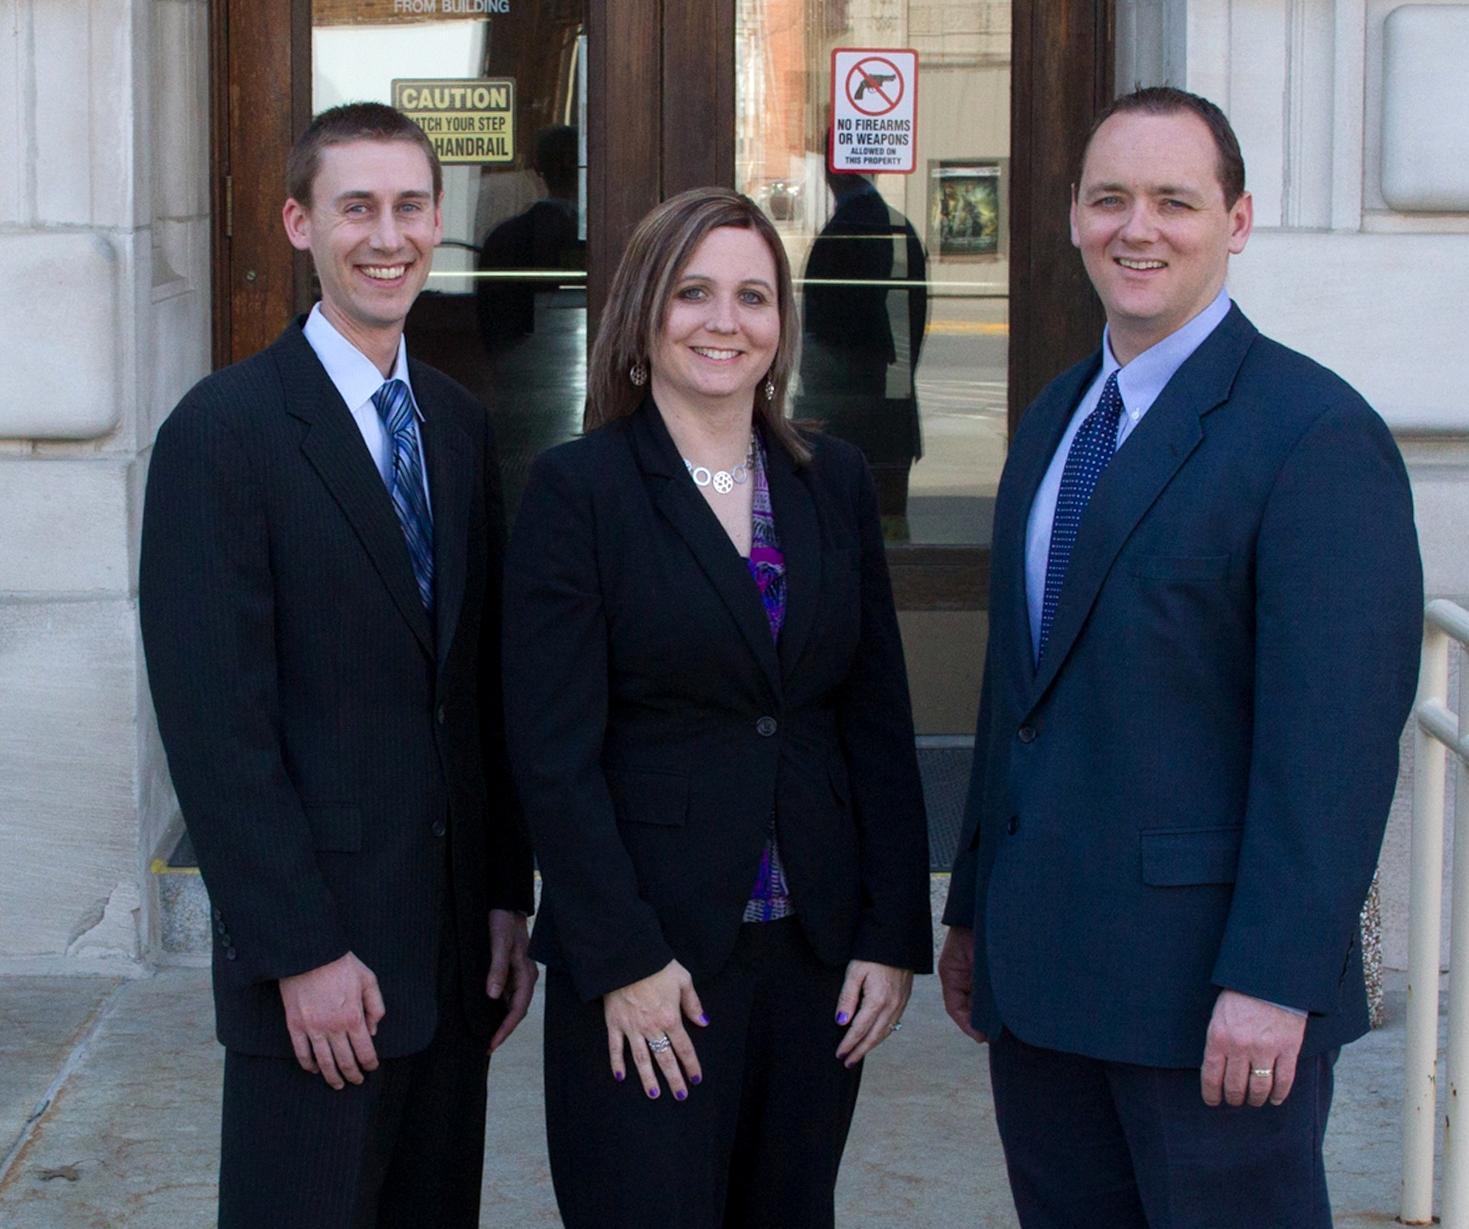 Walker, Billingsley & Bair